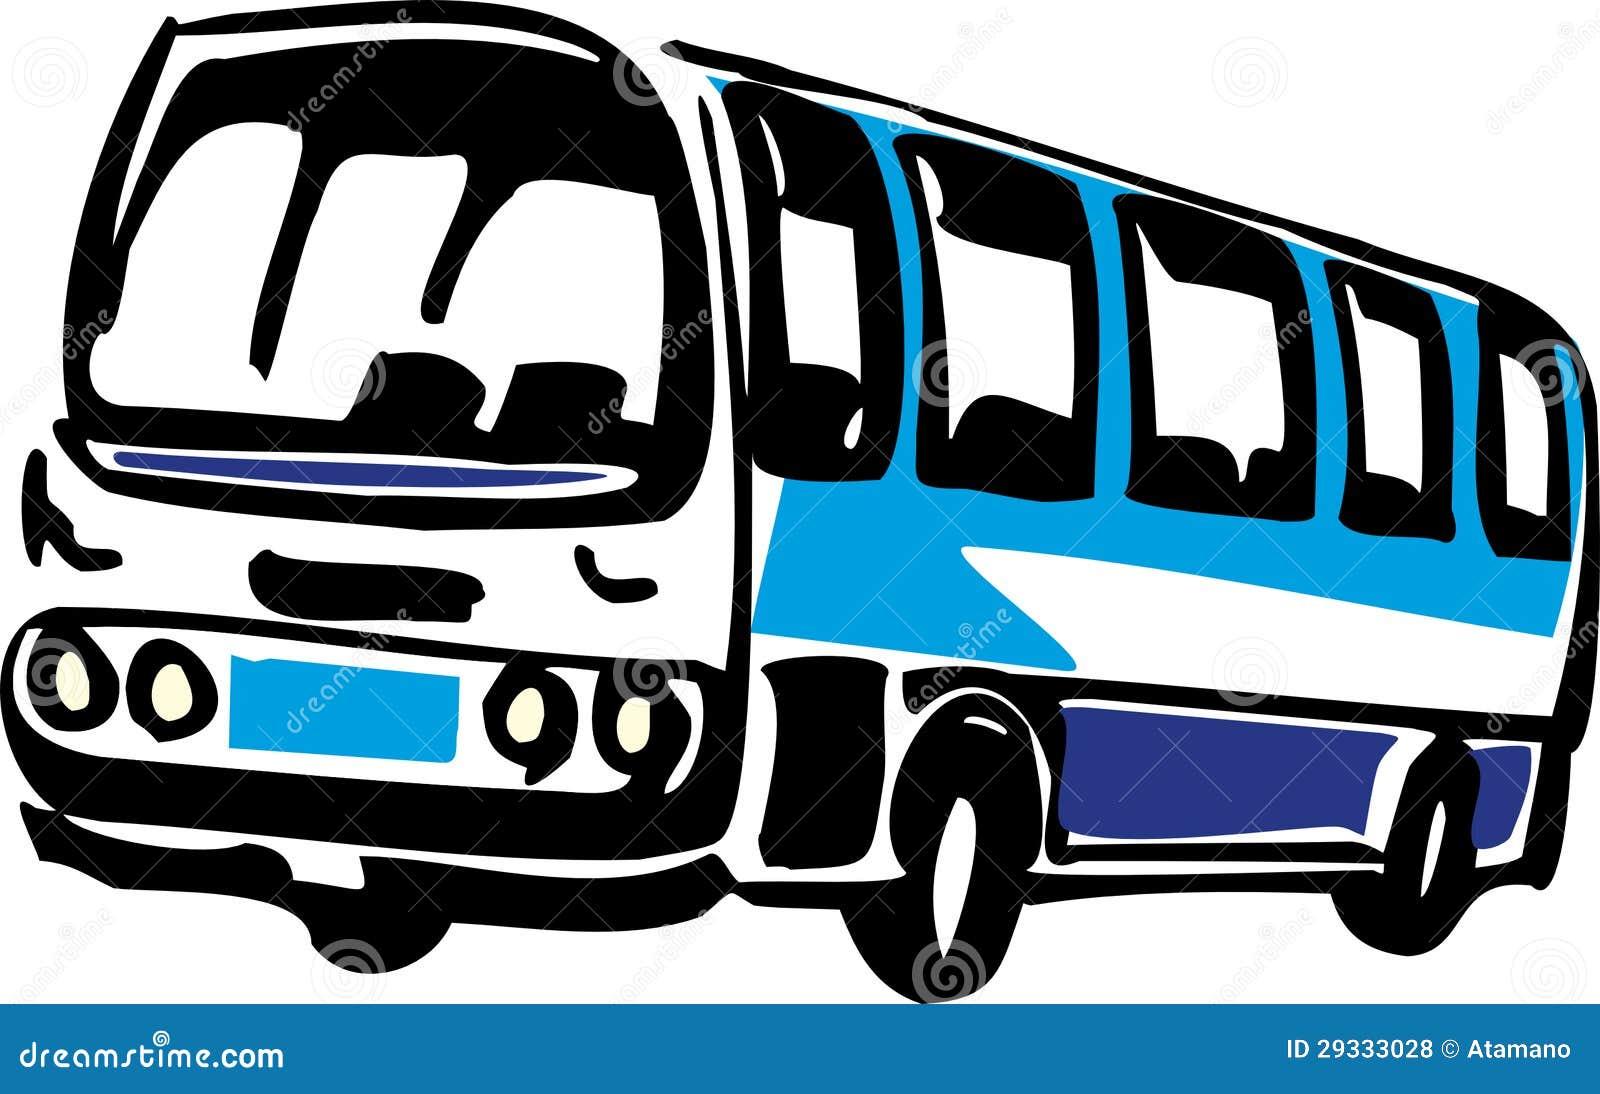 Tour Bus Flat Tire